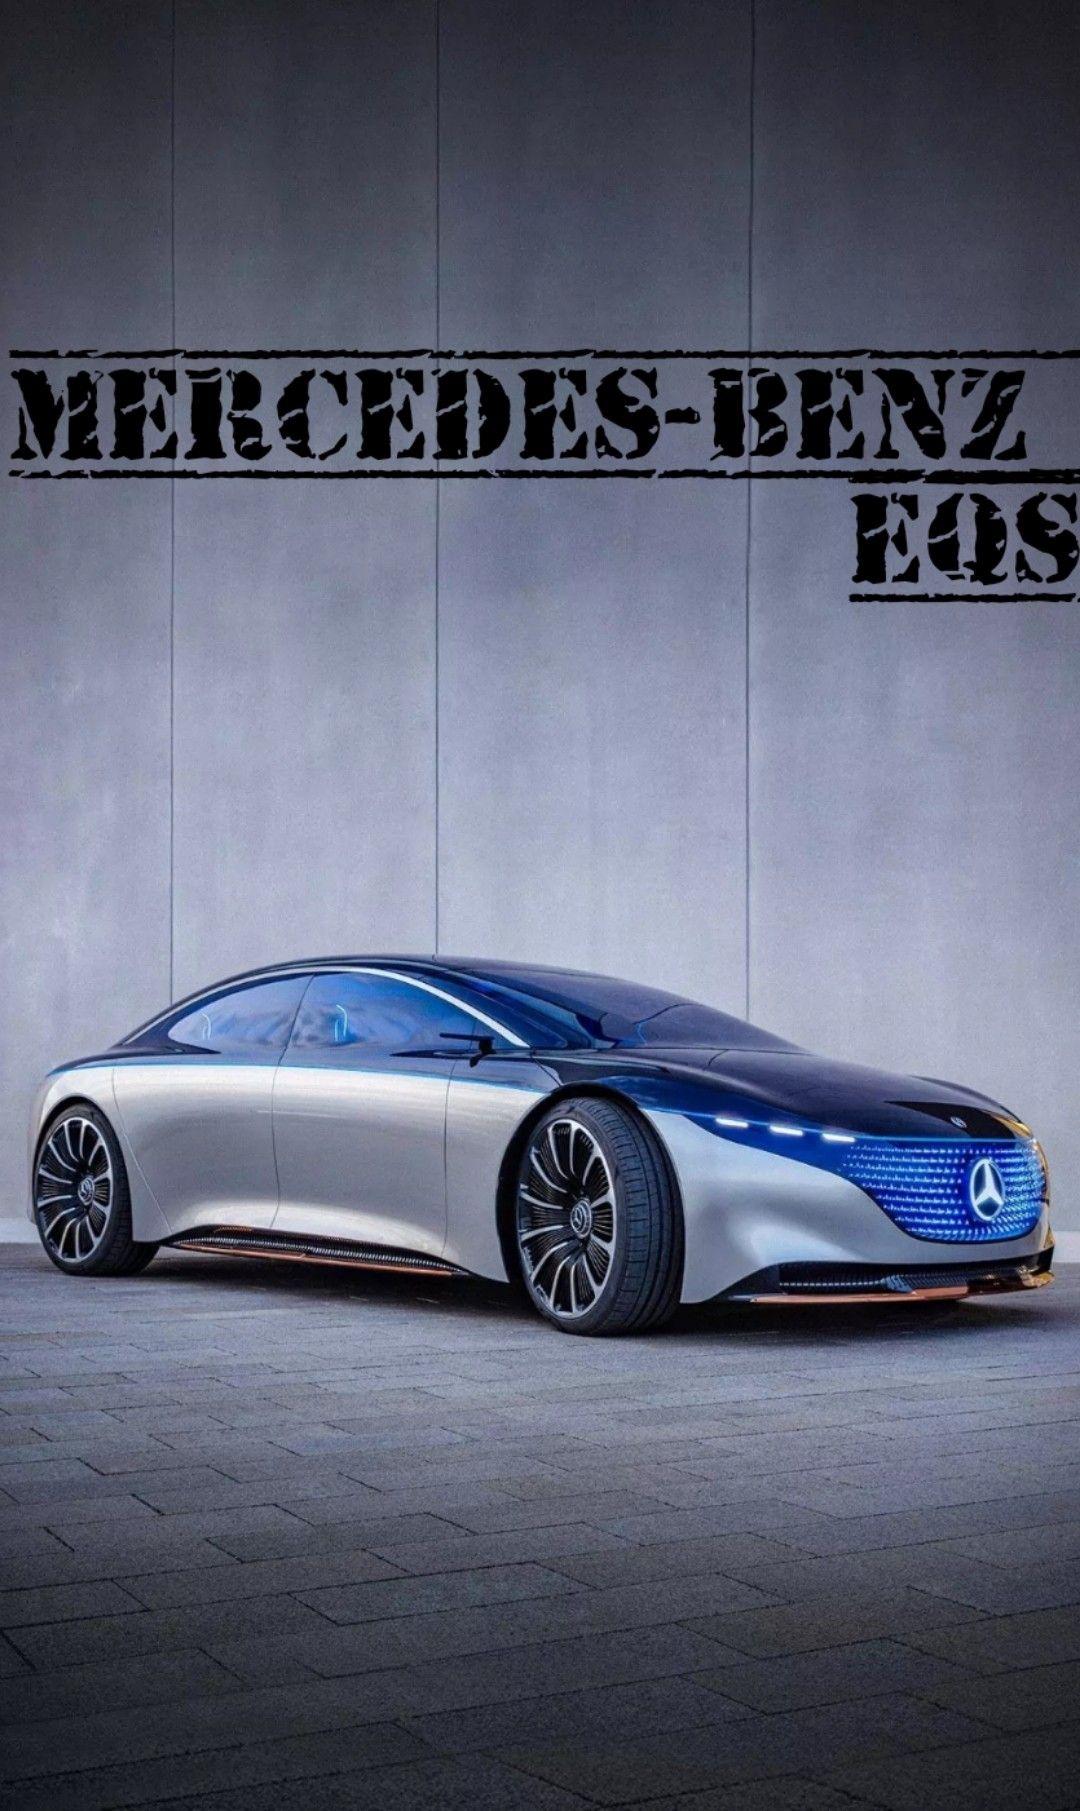 Mercedes-Benz EQS   #MercedesBenz #ConceptCar #ElectricCar #SuperCars #Mercedes